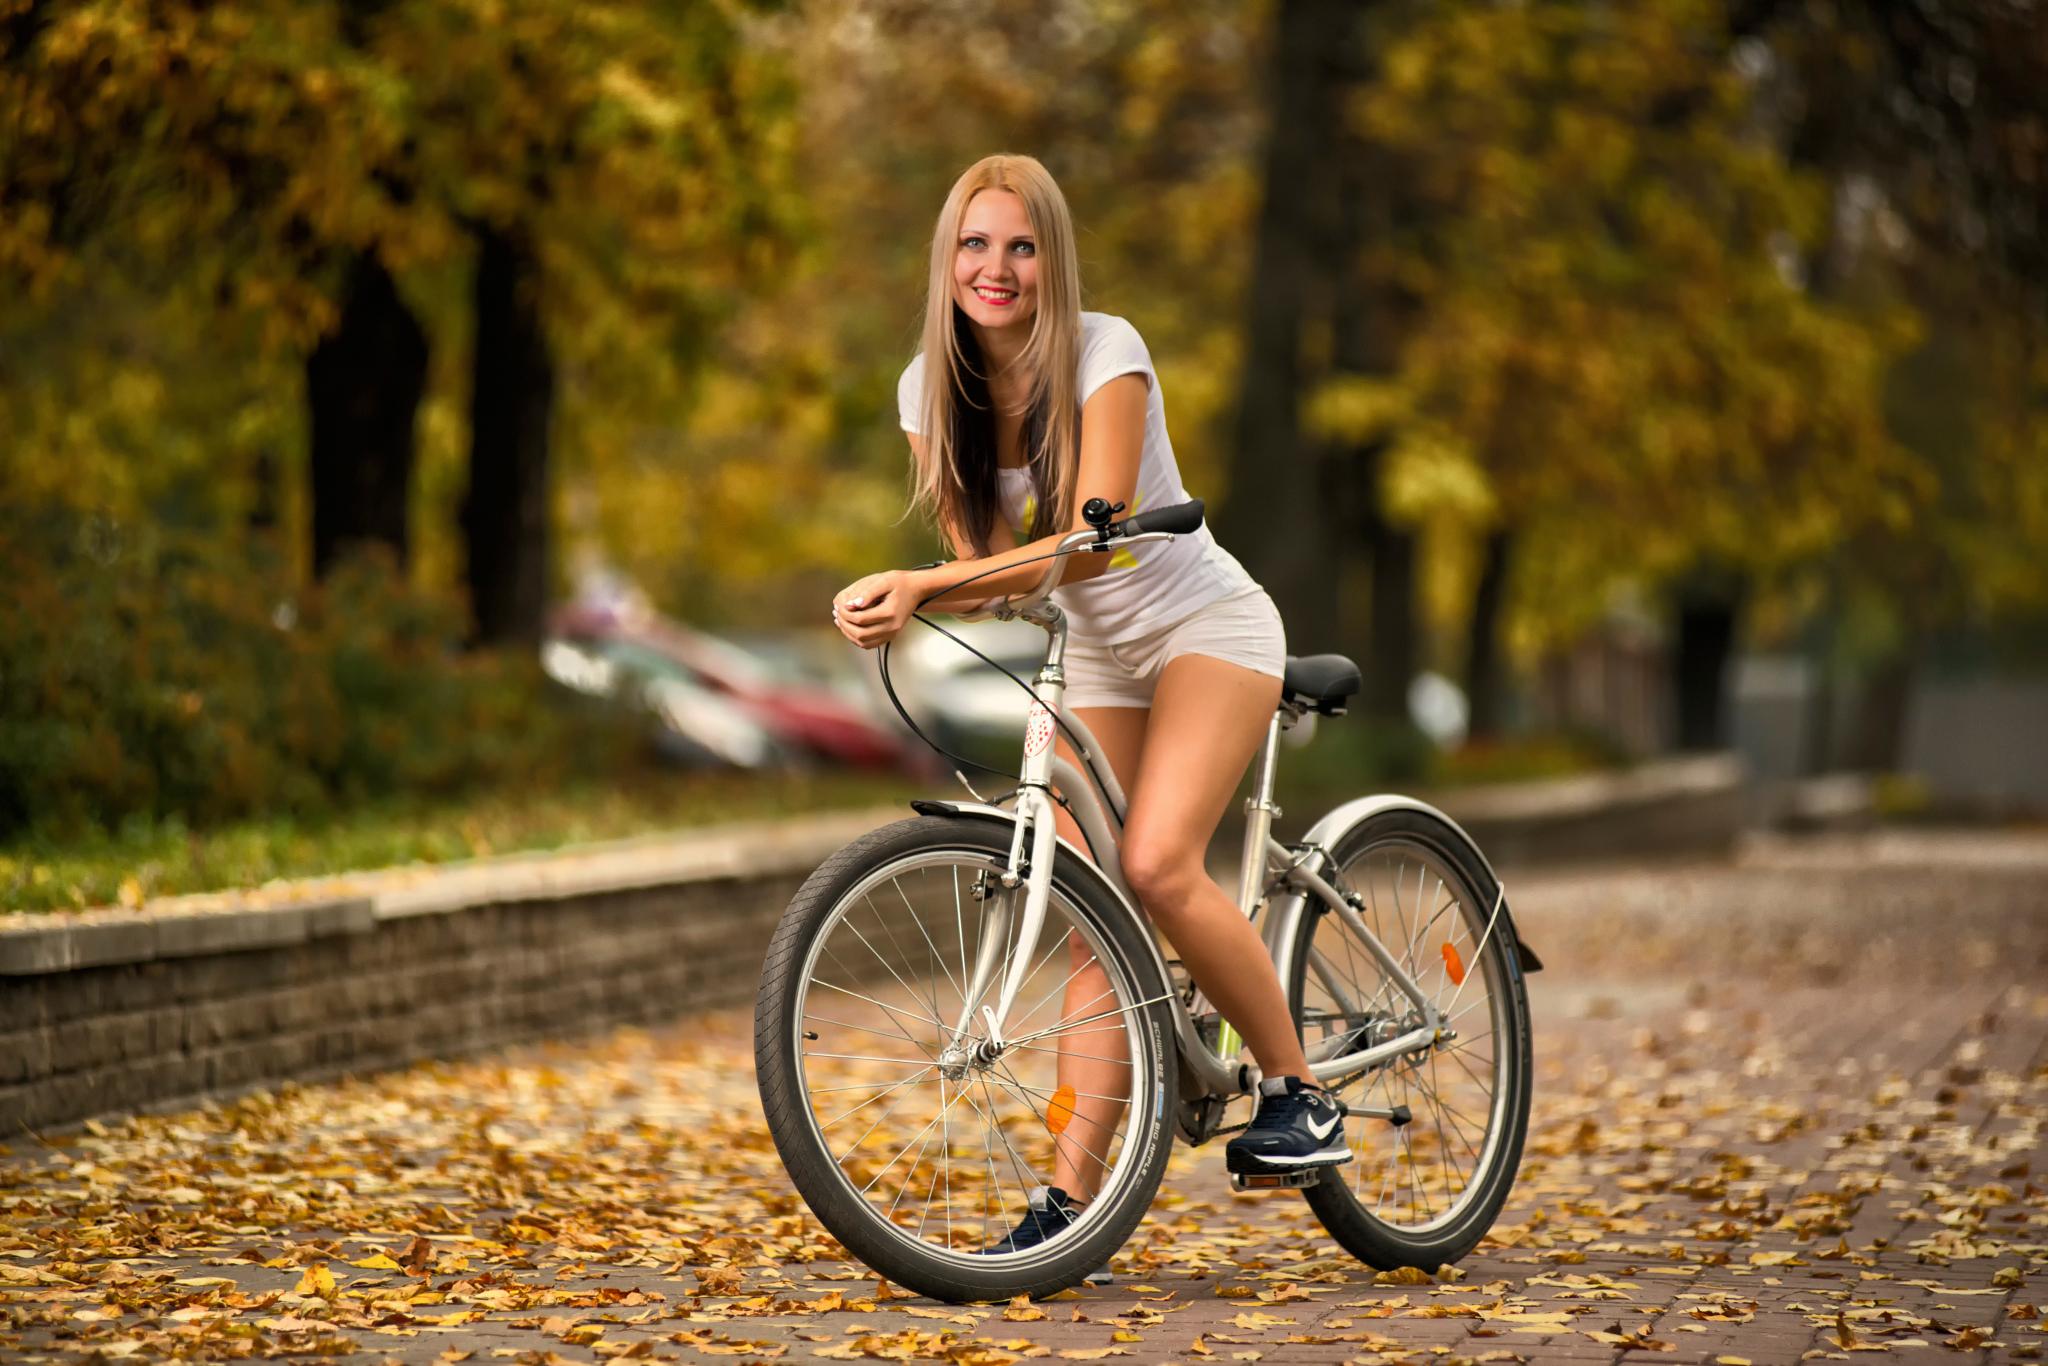 Идеи фото на велосипеде девушки